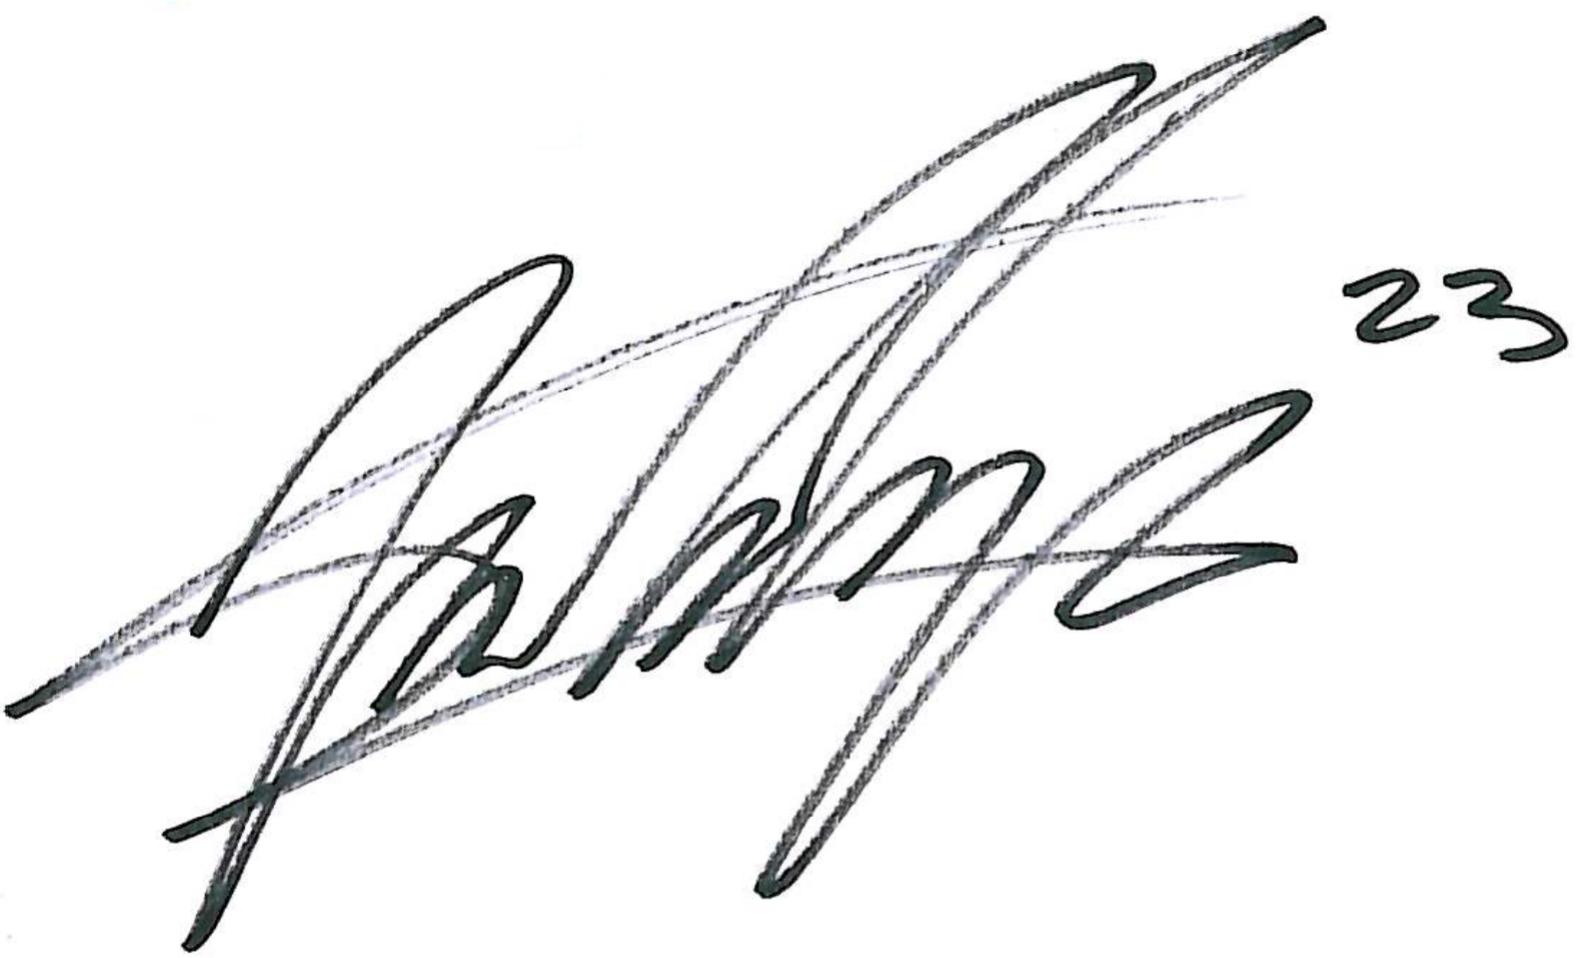 Andrés Vasquez, signatur